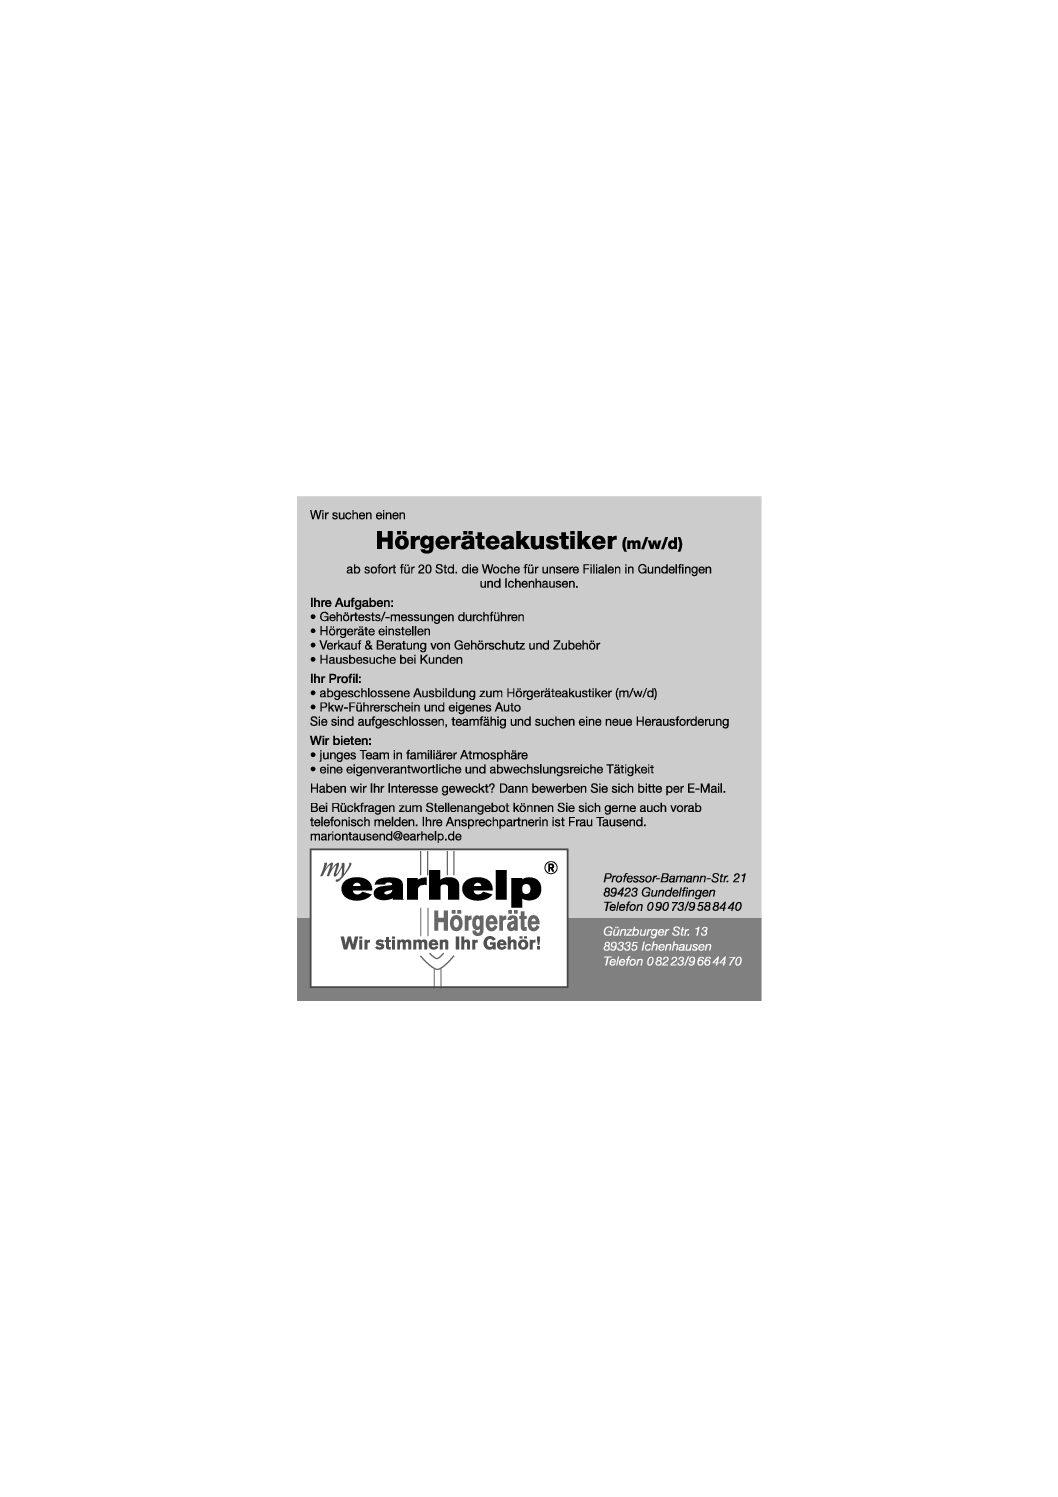 earhelp Hörgeräte sucht einen neuen Mitarbeiter (m/w/d)